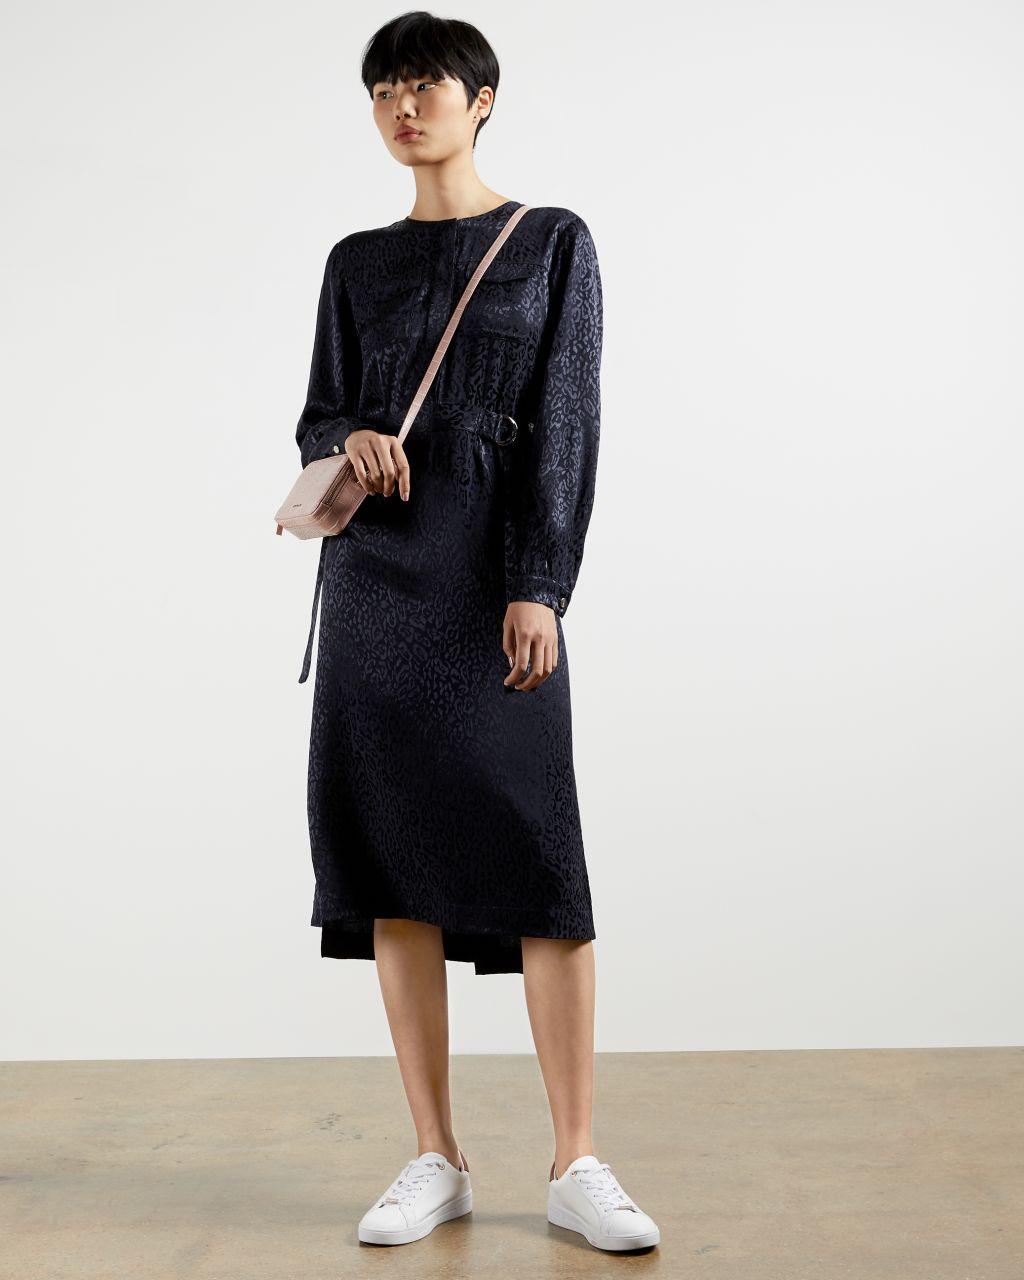 TED BAKER Kleid Mit Tierjacquardmuster   TED BAKER SALE